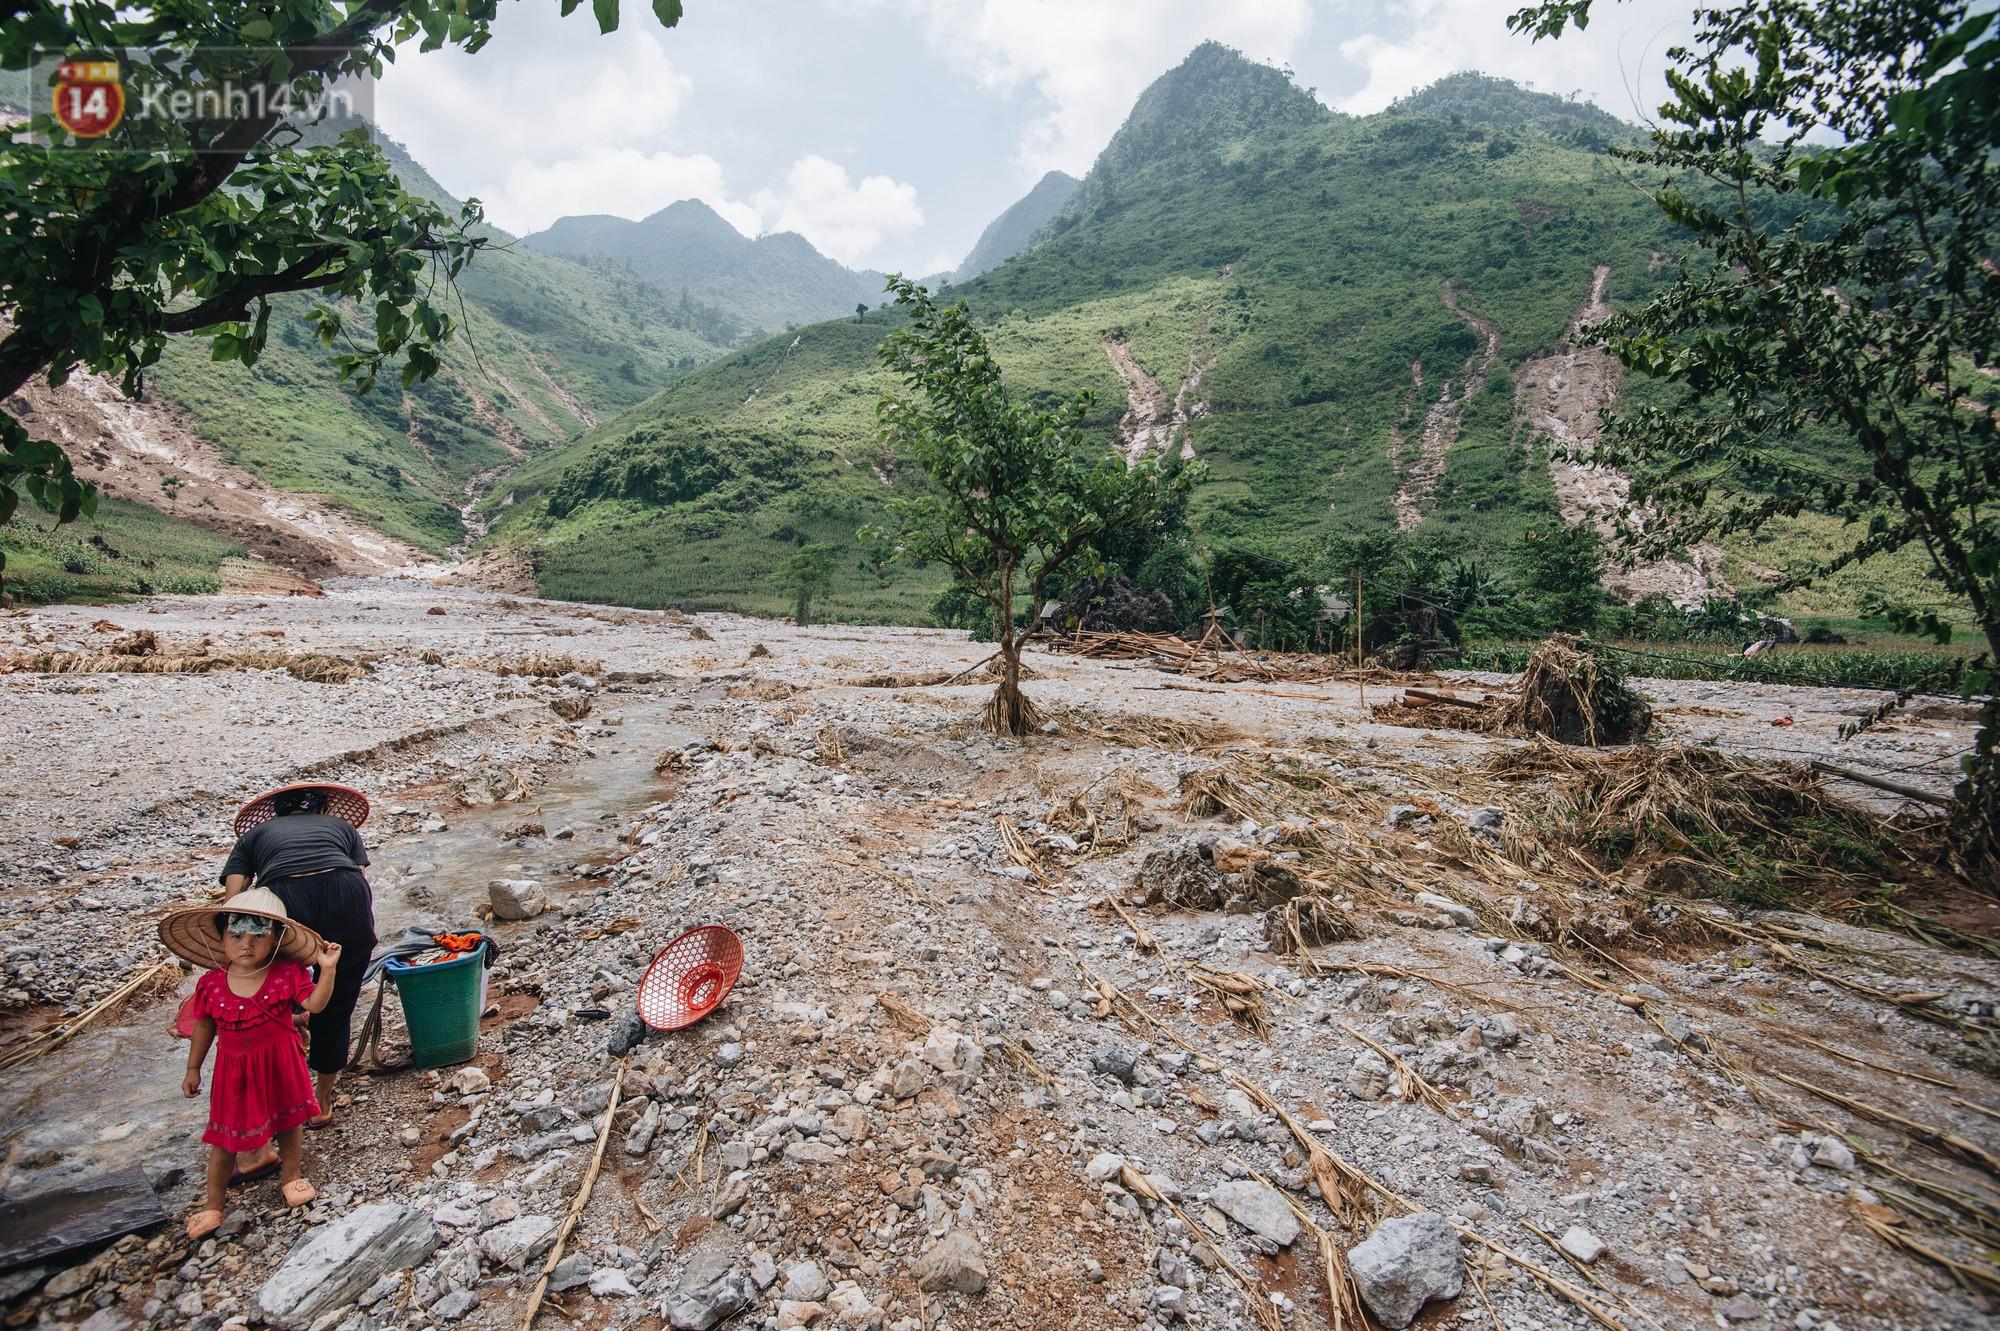 Trận lũ đau thương ở Hà Giang trong vòng 10 năm qua: 'Giờ đâu còn nhà nữa, mất hết, lũ cuốn trôi hết rồi...' 9